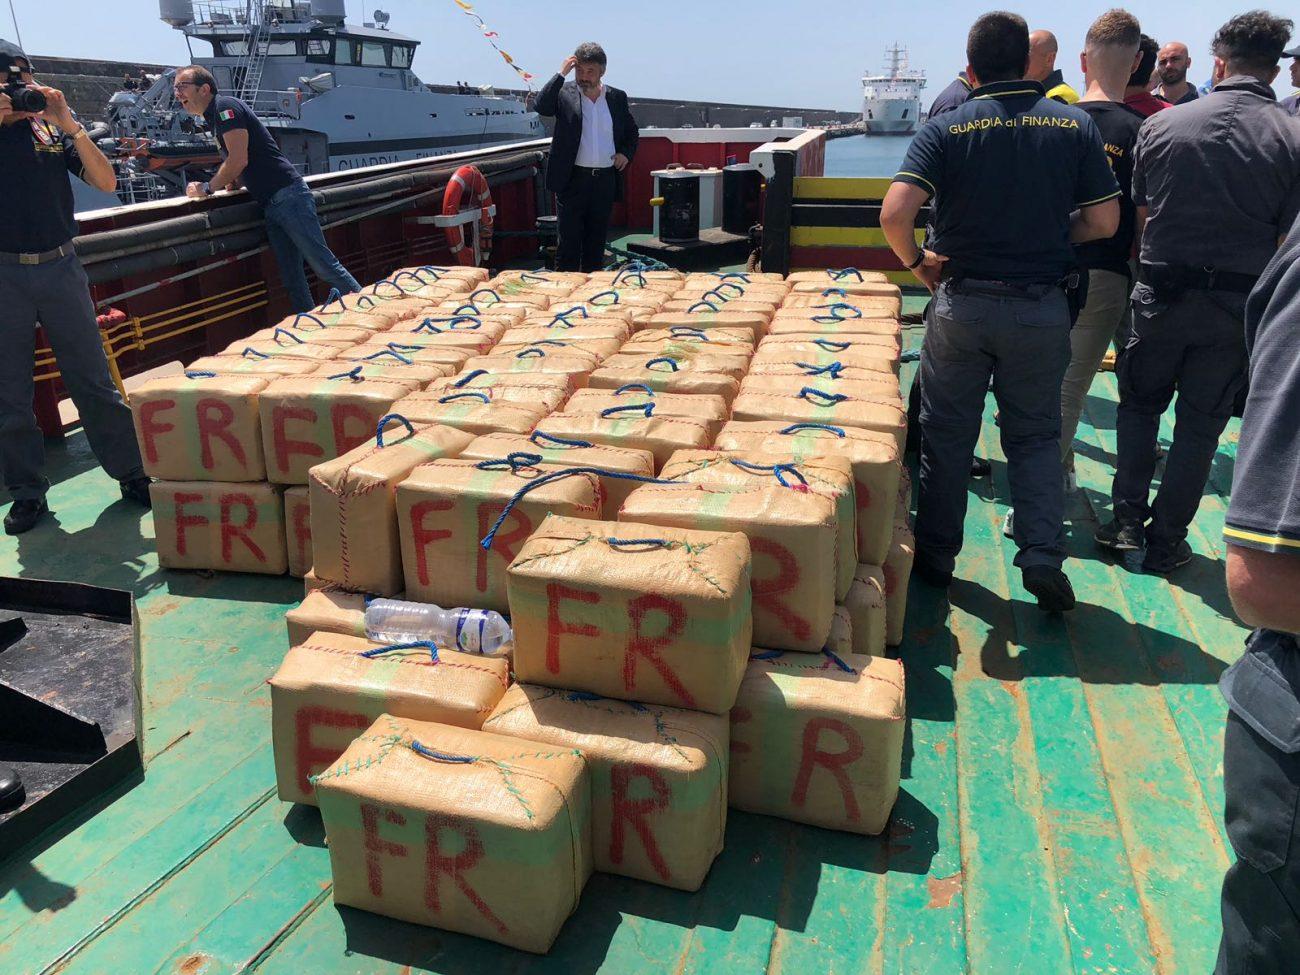 Sequestrate 10 tonnellate di hashish, arrestate 9 persone a Catania